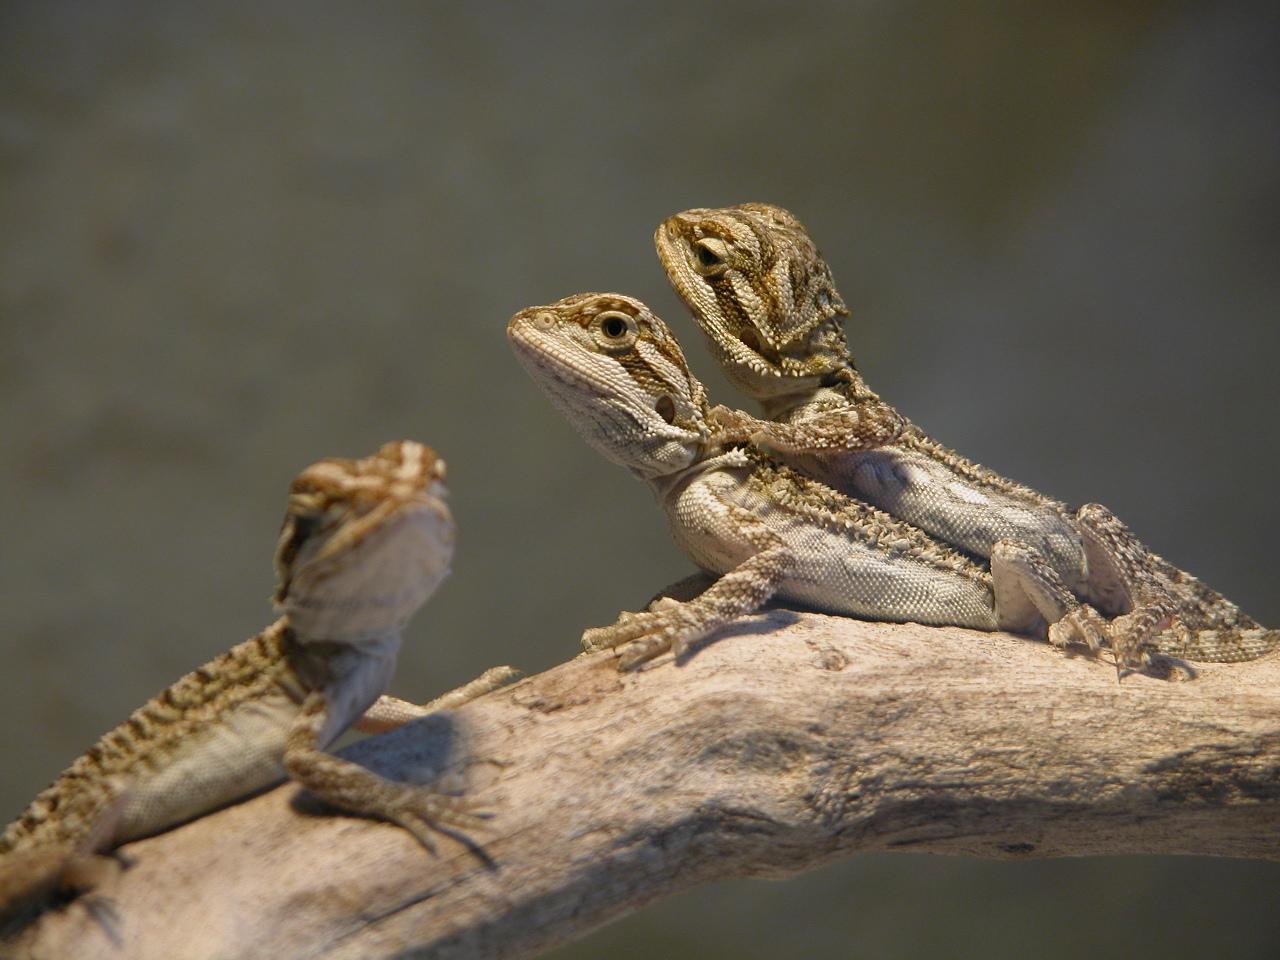 tailsnteeth-bearded-dragon-pogona-vitticeps-desert-lizard